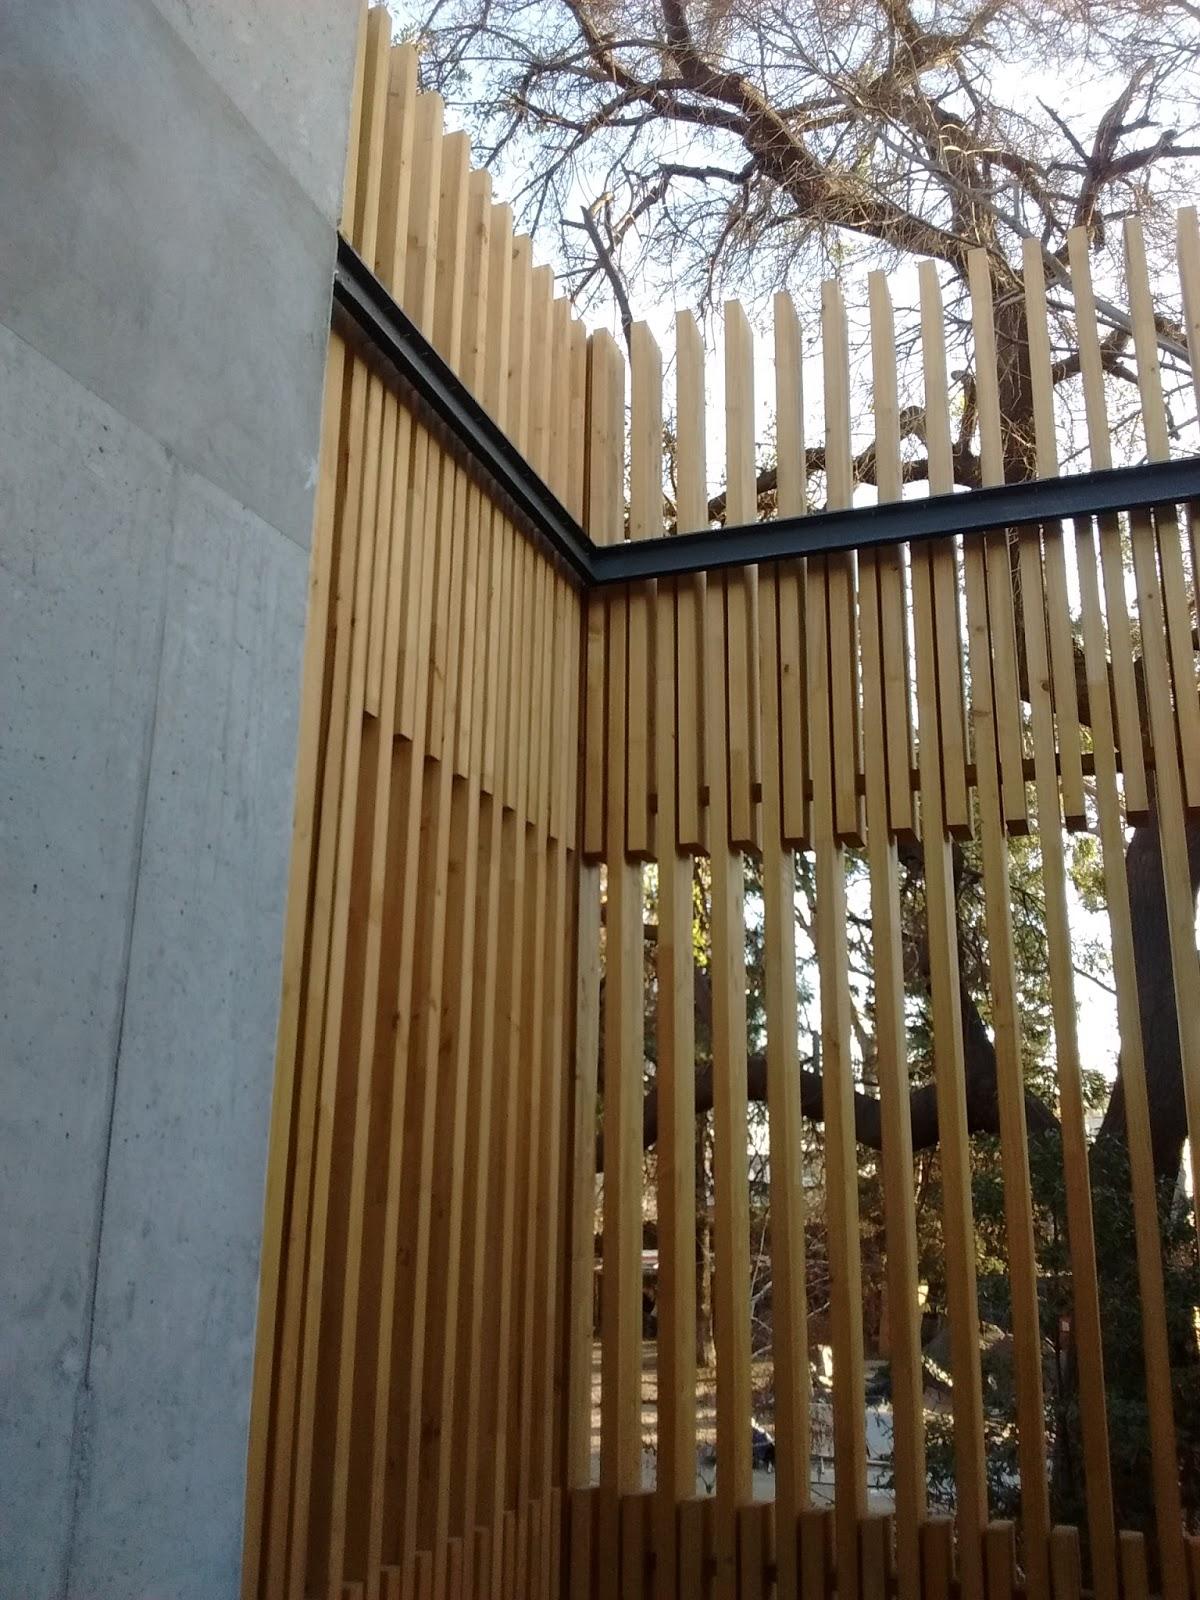 la maderera empleada es pino radiata siendo el espesor de los elementos es de mm anclados con pernos y placas de acero galvanizado a la estructura